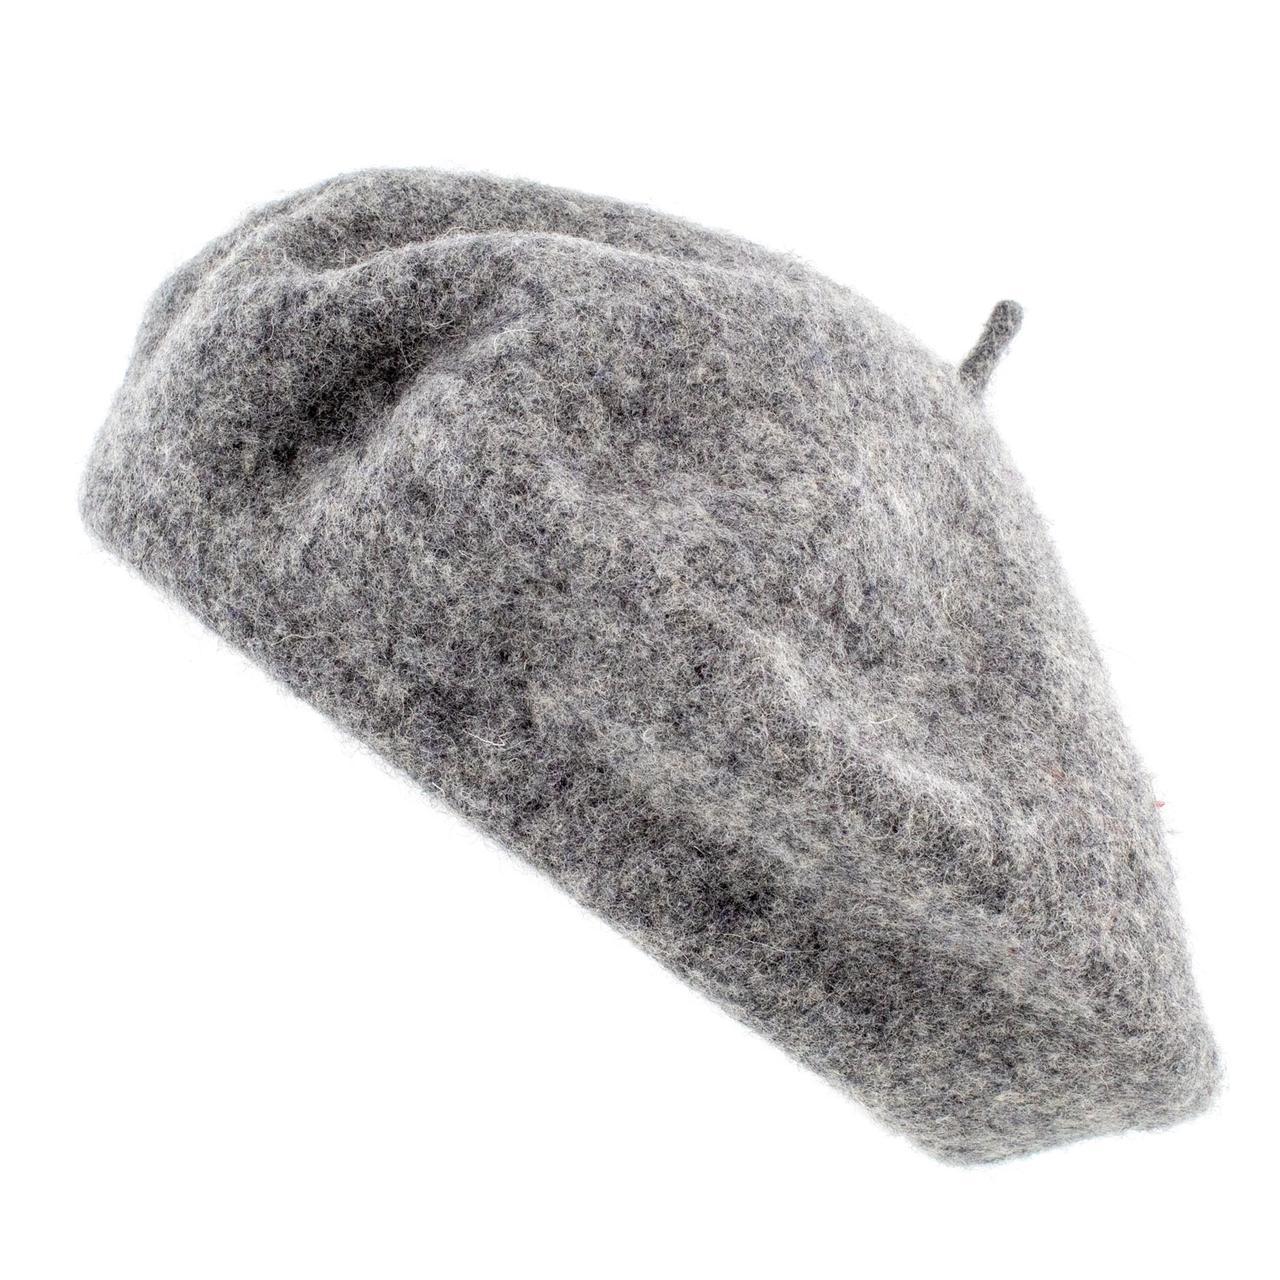 Берет женский Marmilen   Кашемир темно серый меланжевый  ( FC001-04 m )